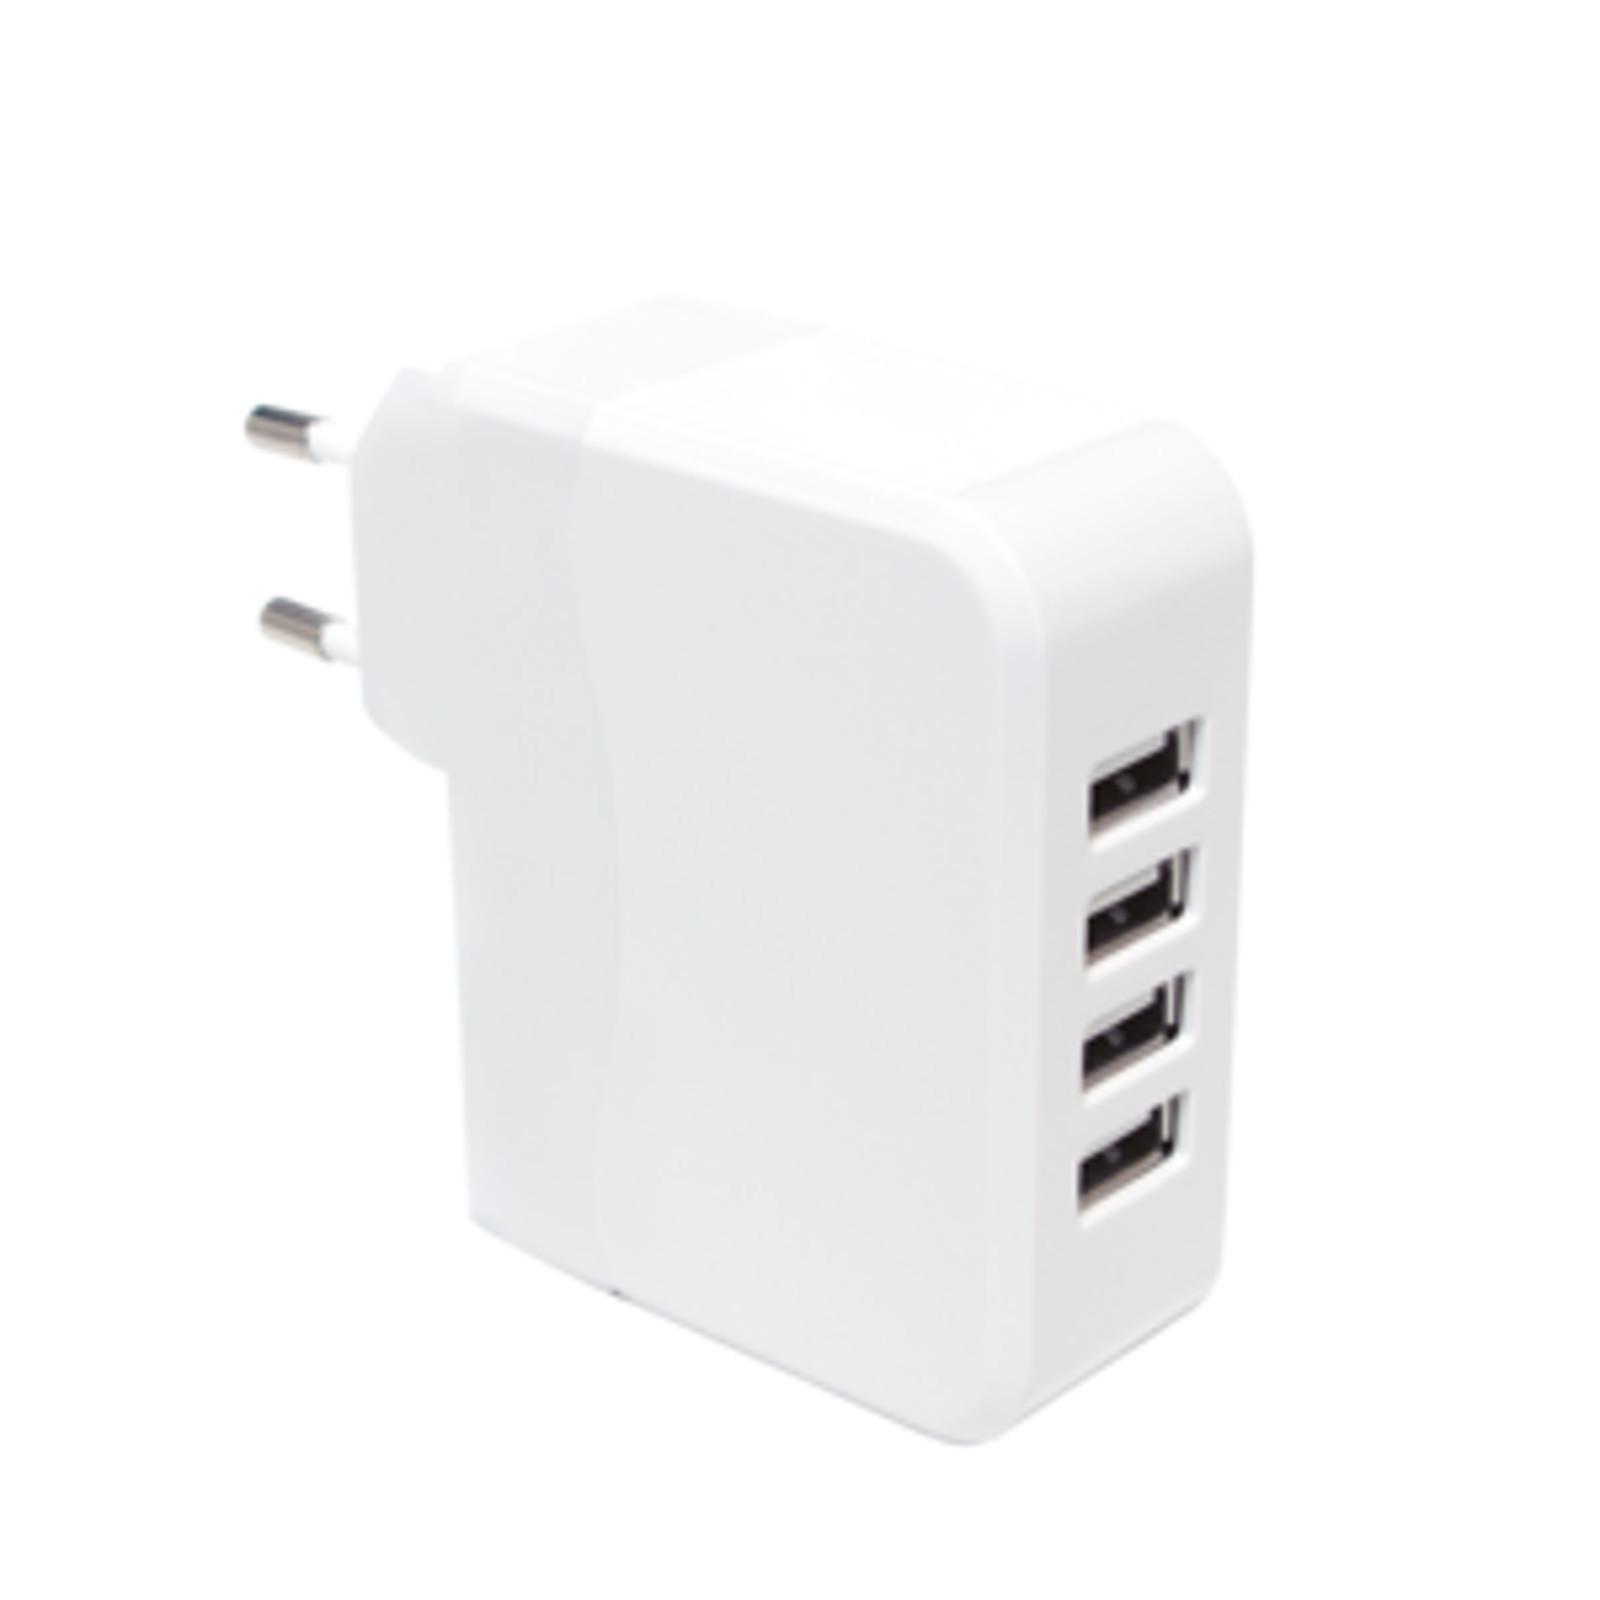 logilink 4 port usb ladeger t charger ac netzteil intellig ic smartphone pa0096 ebay. Black Bedroom Furniture Sets. Home Design Ideas